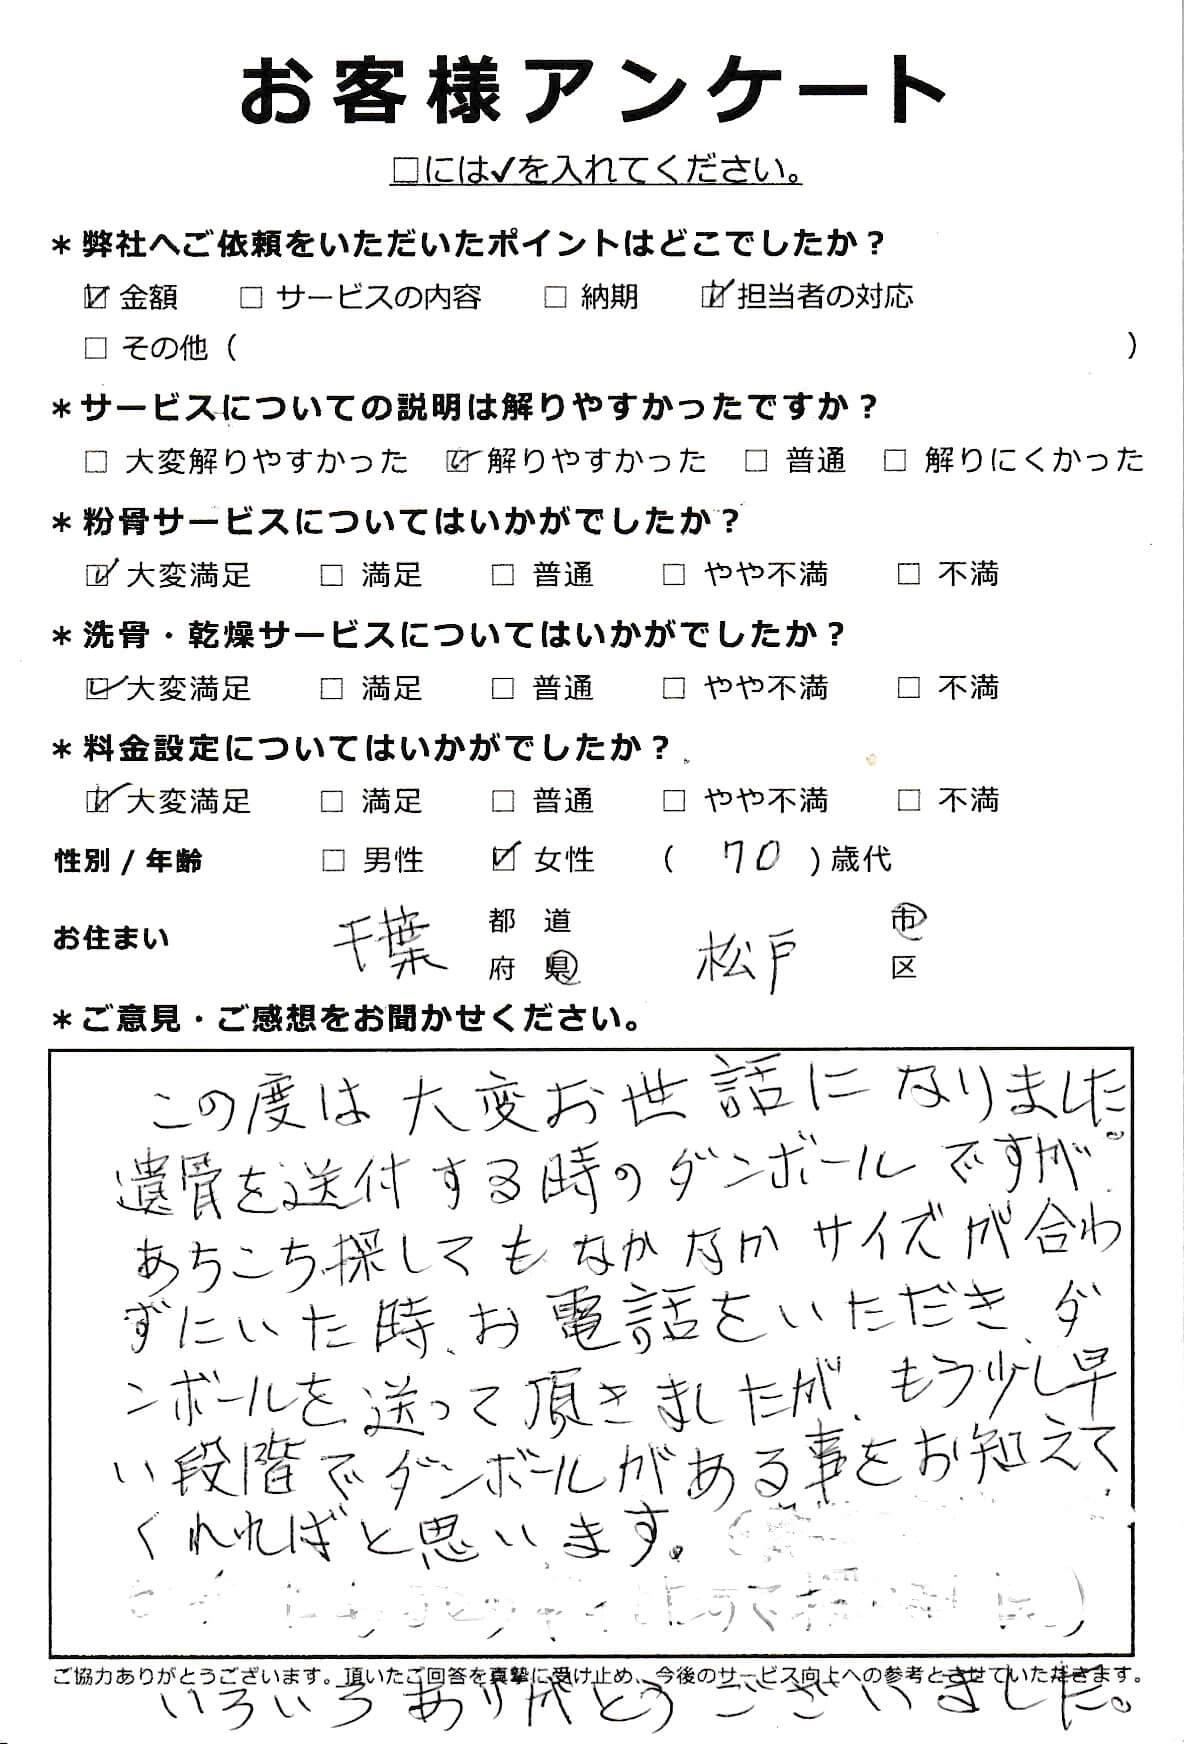 千葉県松戸市での洗骨・乾燥サービス